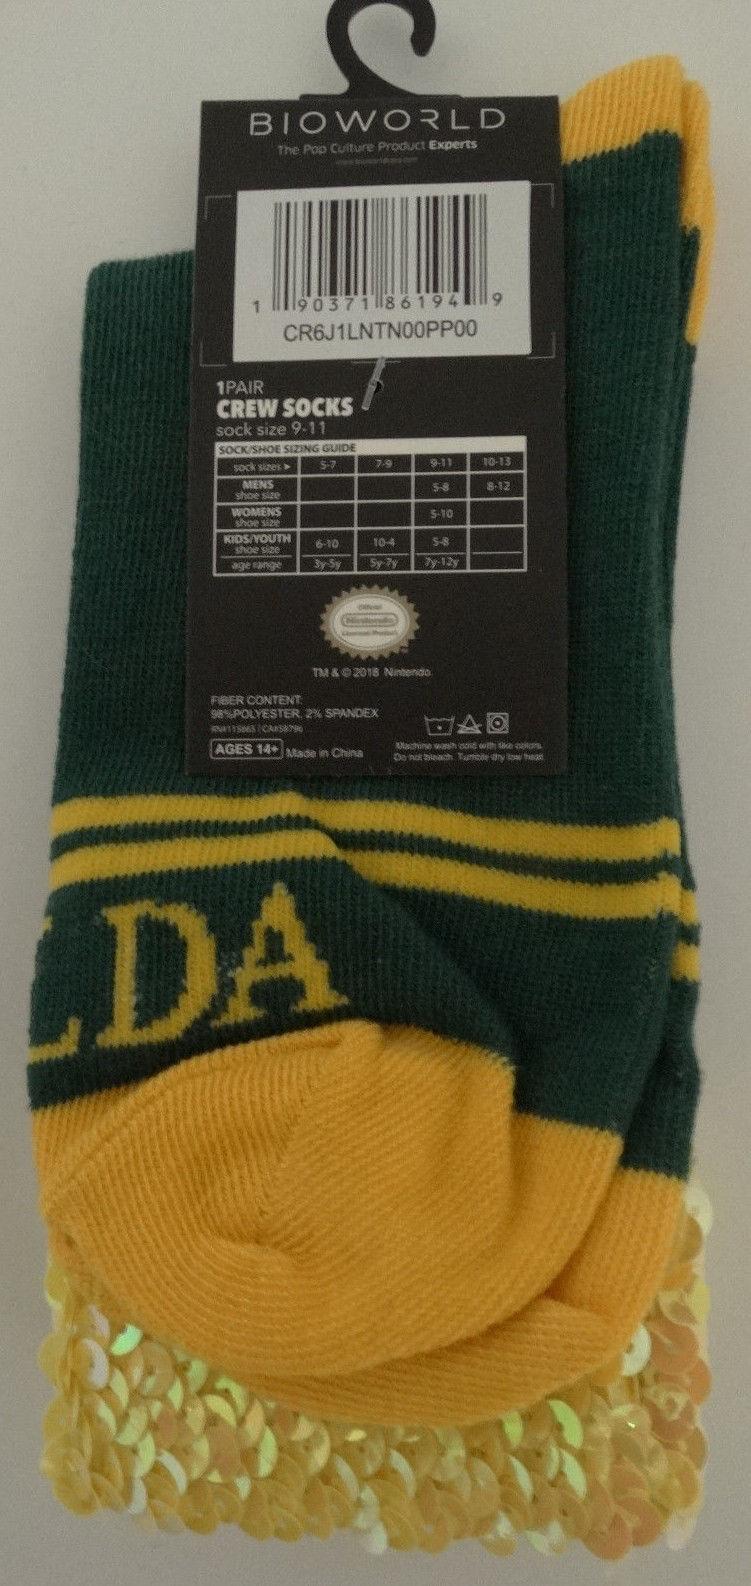 The Legend Of Zelda Video Game Sequin Cuff Crew Socks